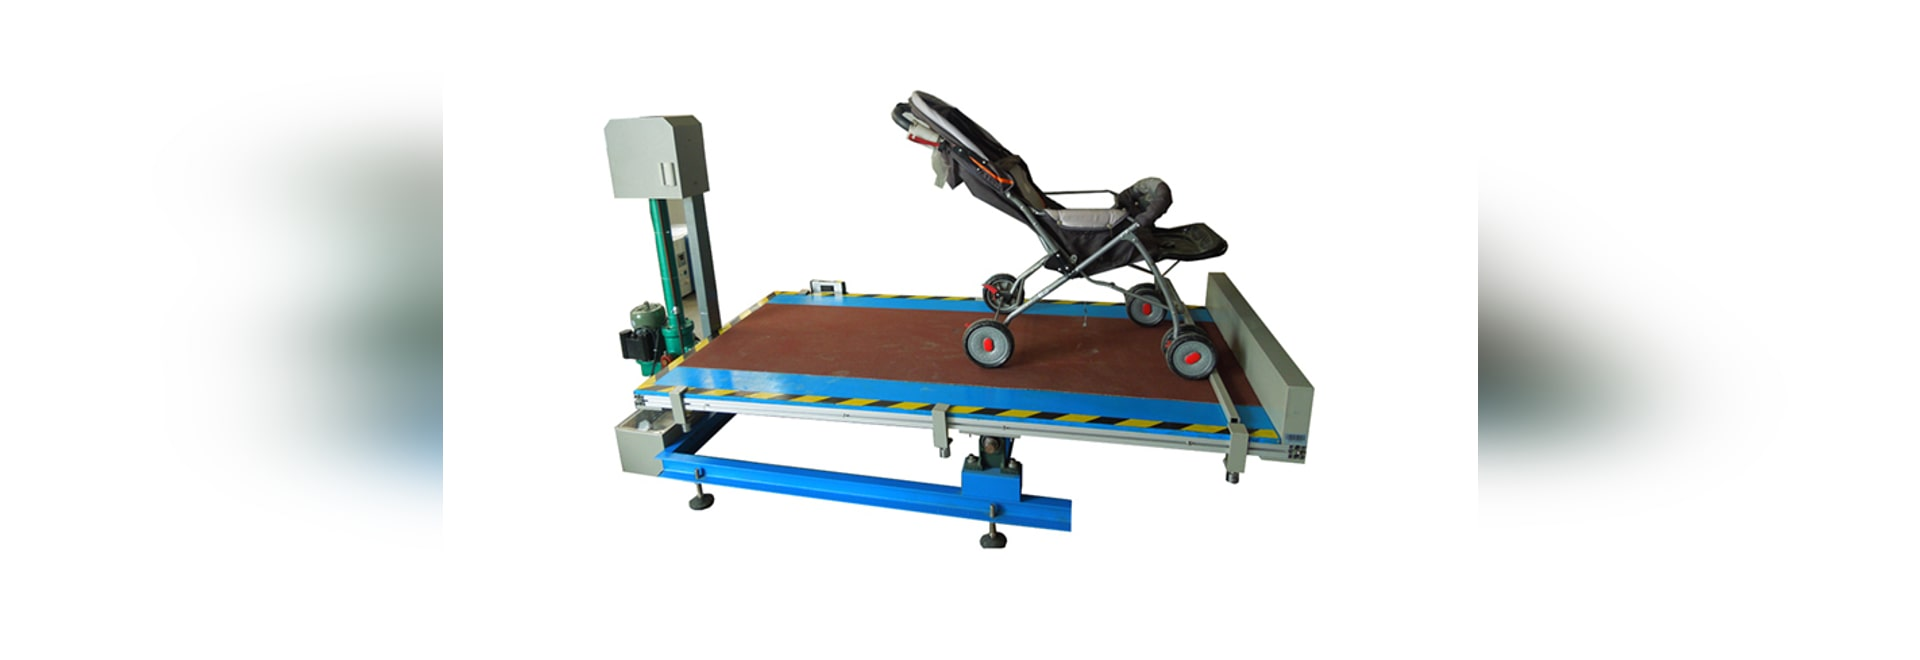 The baby stroller test machine